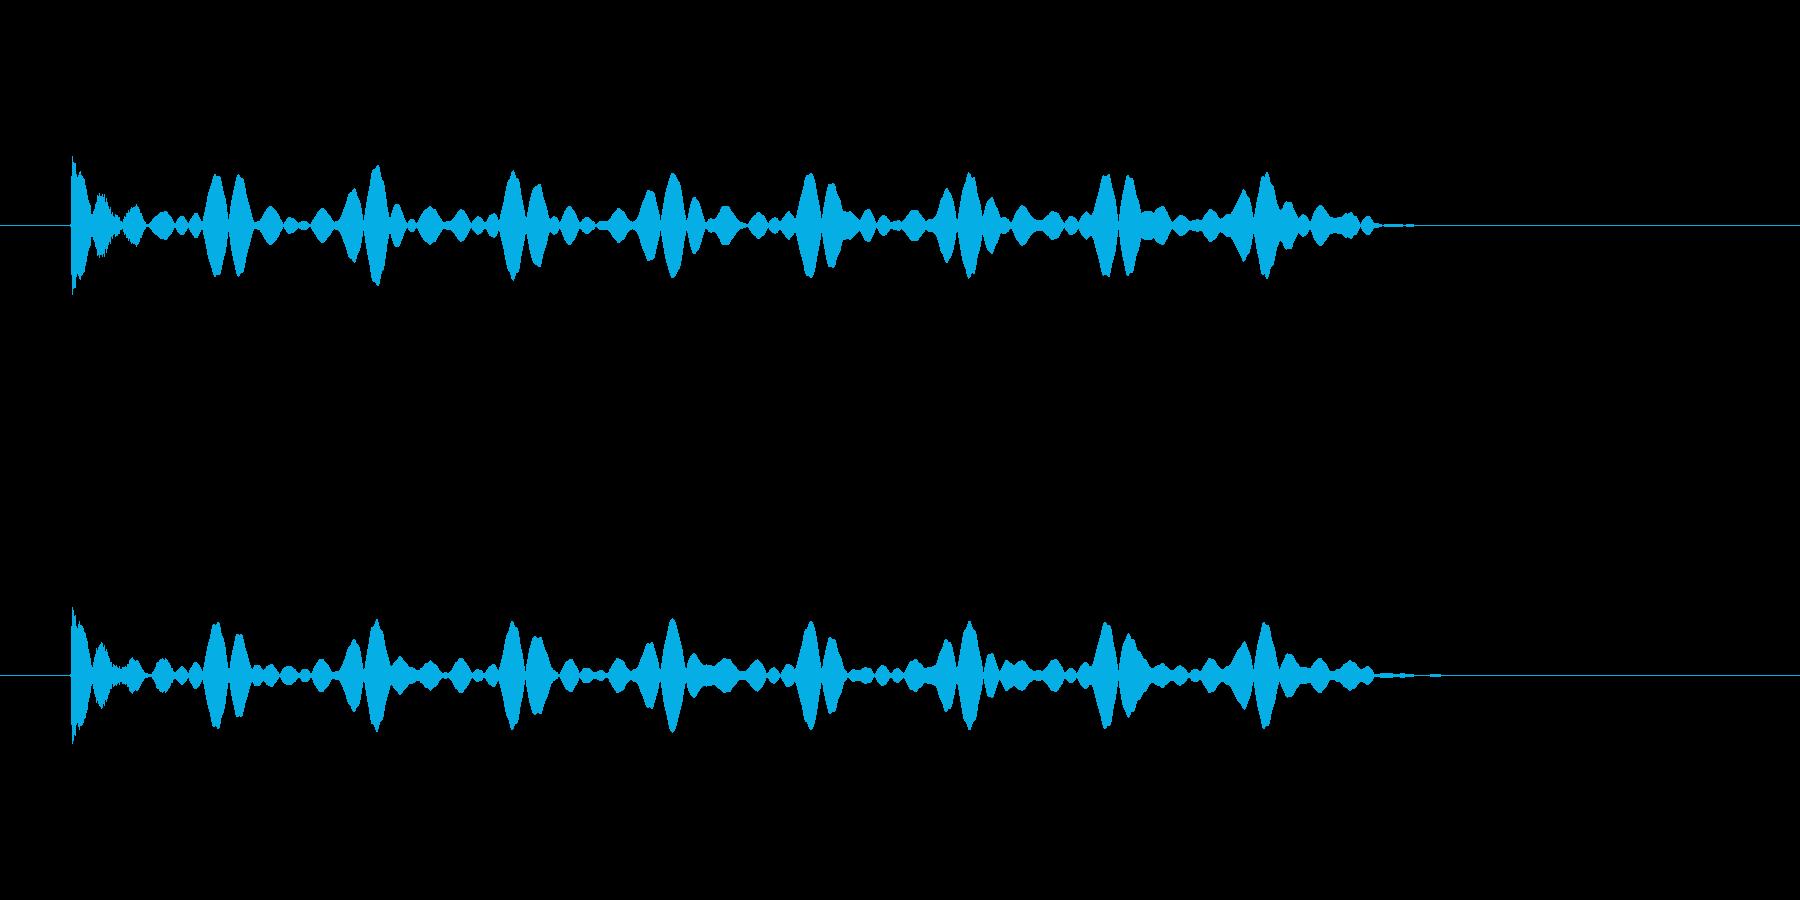 ゲージが溜まってそれを継続する音の再生済みの波形